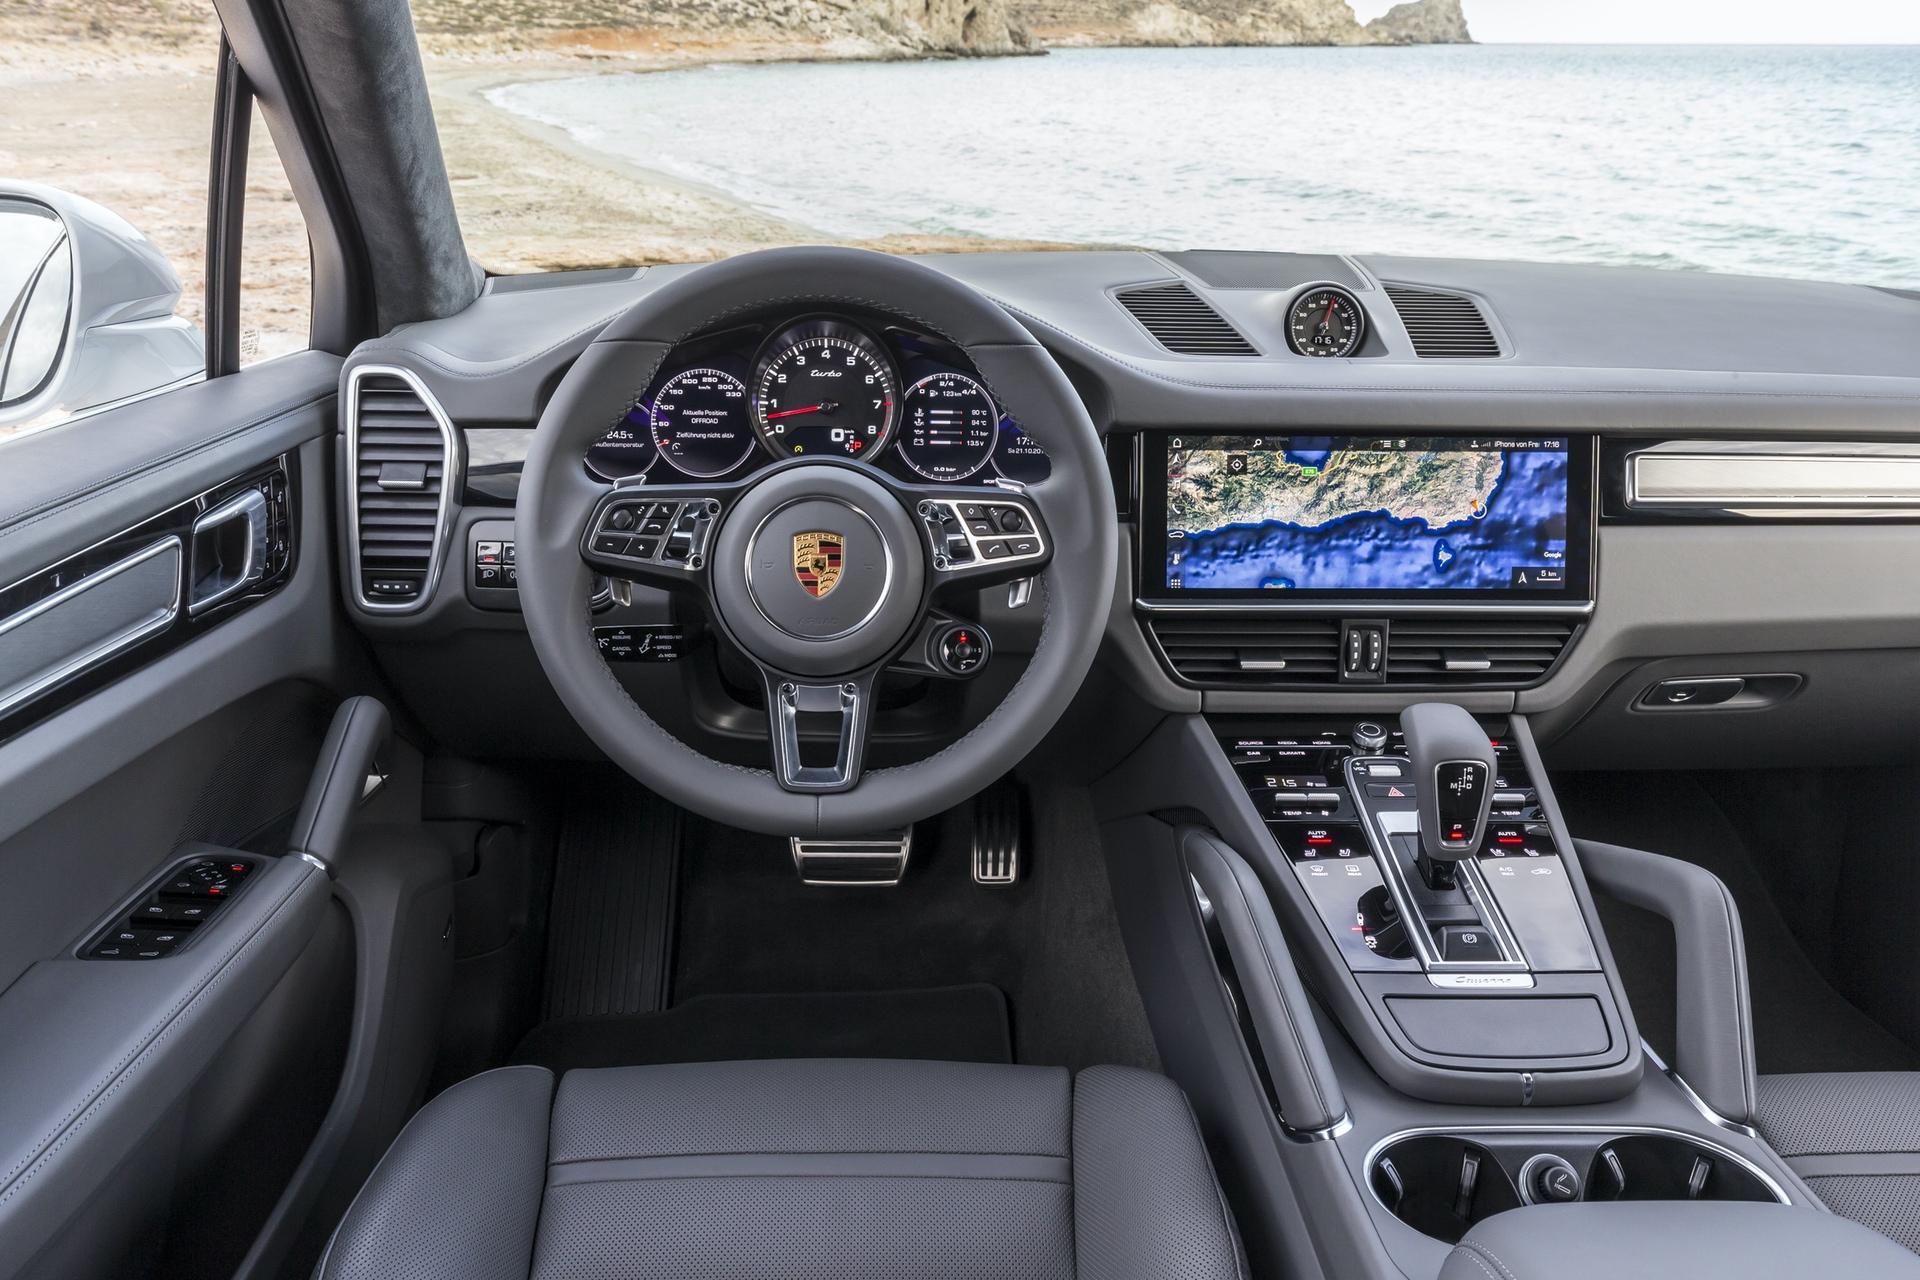 Test_Drive_Porsche_Cayenne_173